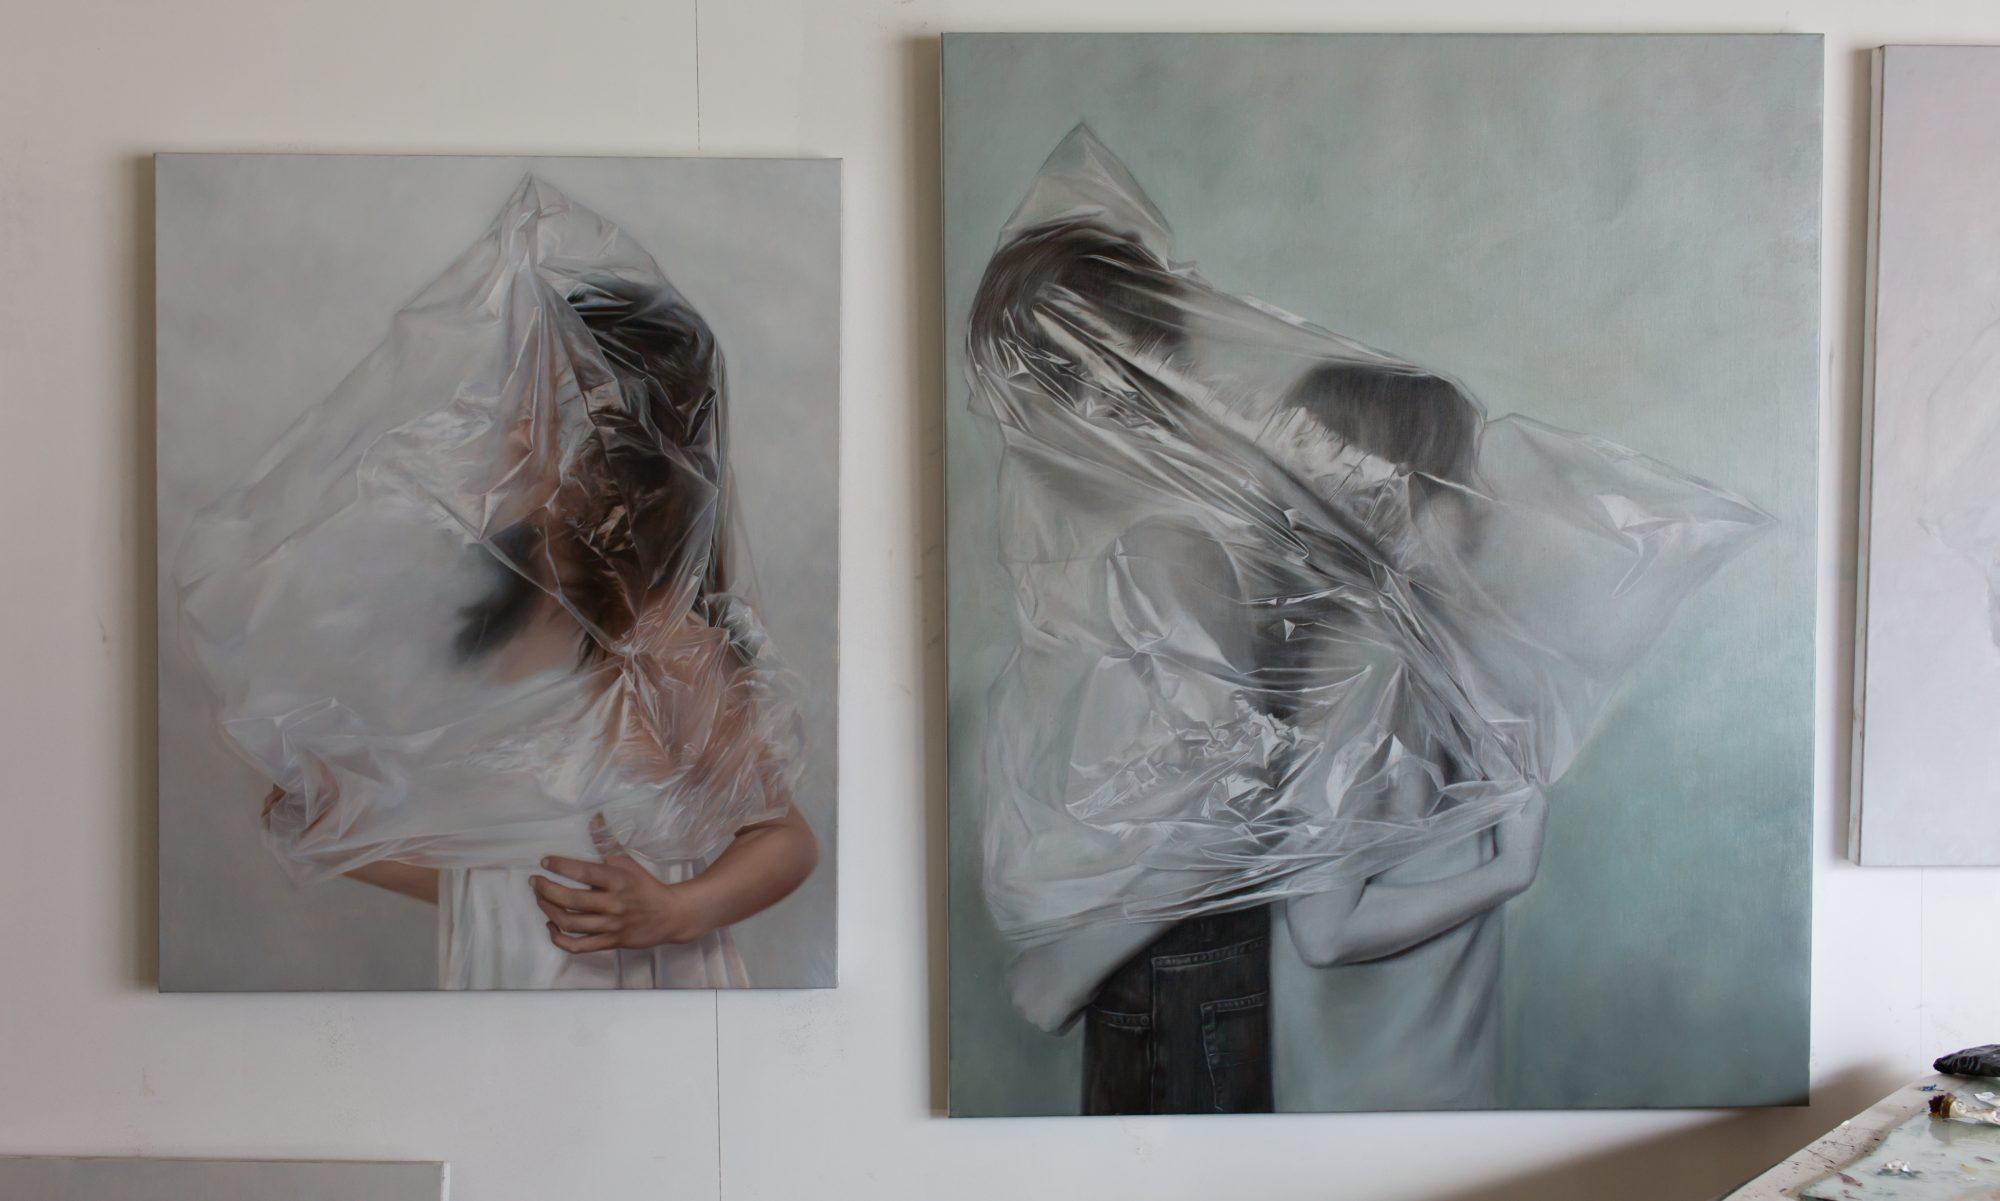 ERIKA GOFTON     |   ARTIST